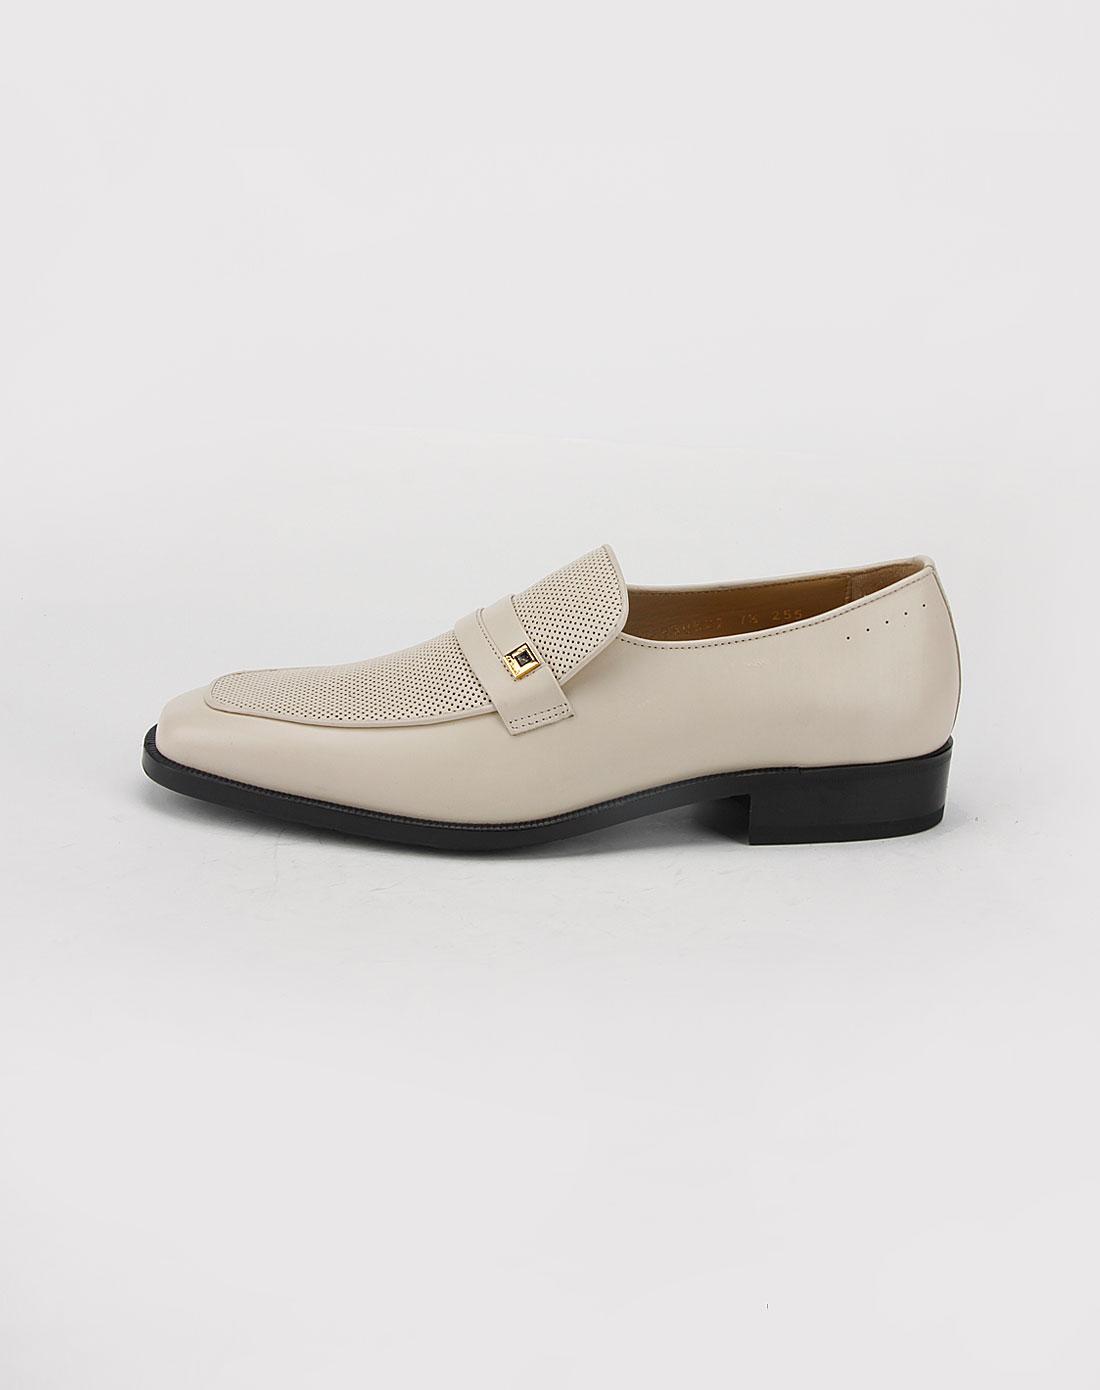 t.dupont男款米白色网眼皮鞋